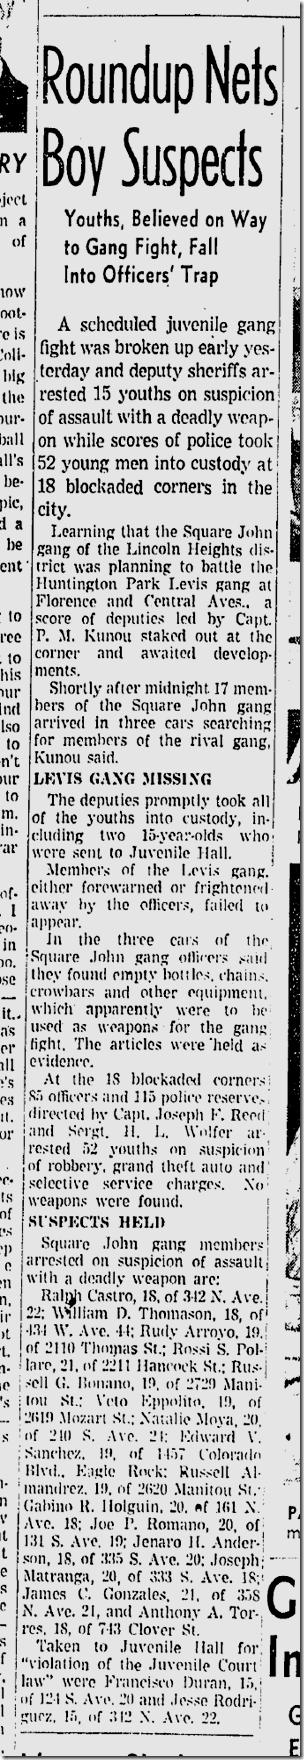 Aug. 24, 1942, Youth Gang